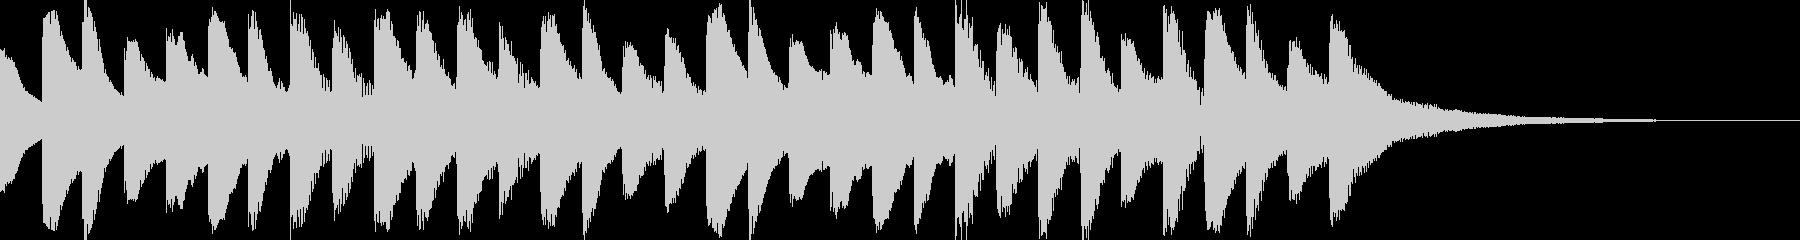 オープニング用サウンドロゴ102の未再生の波形